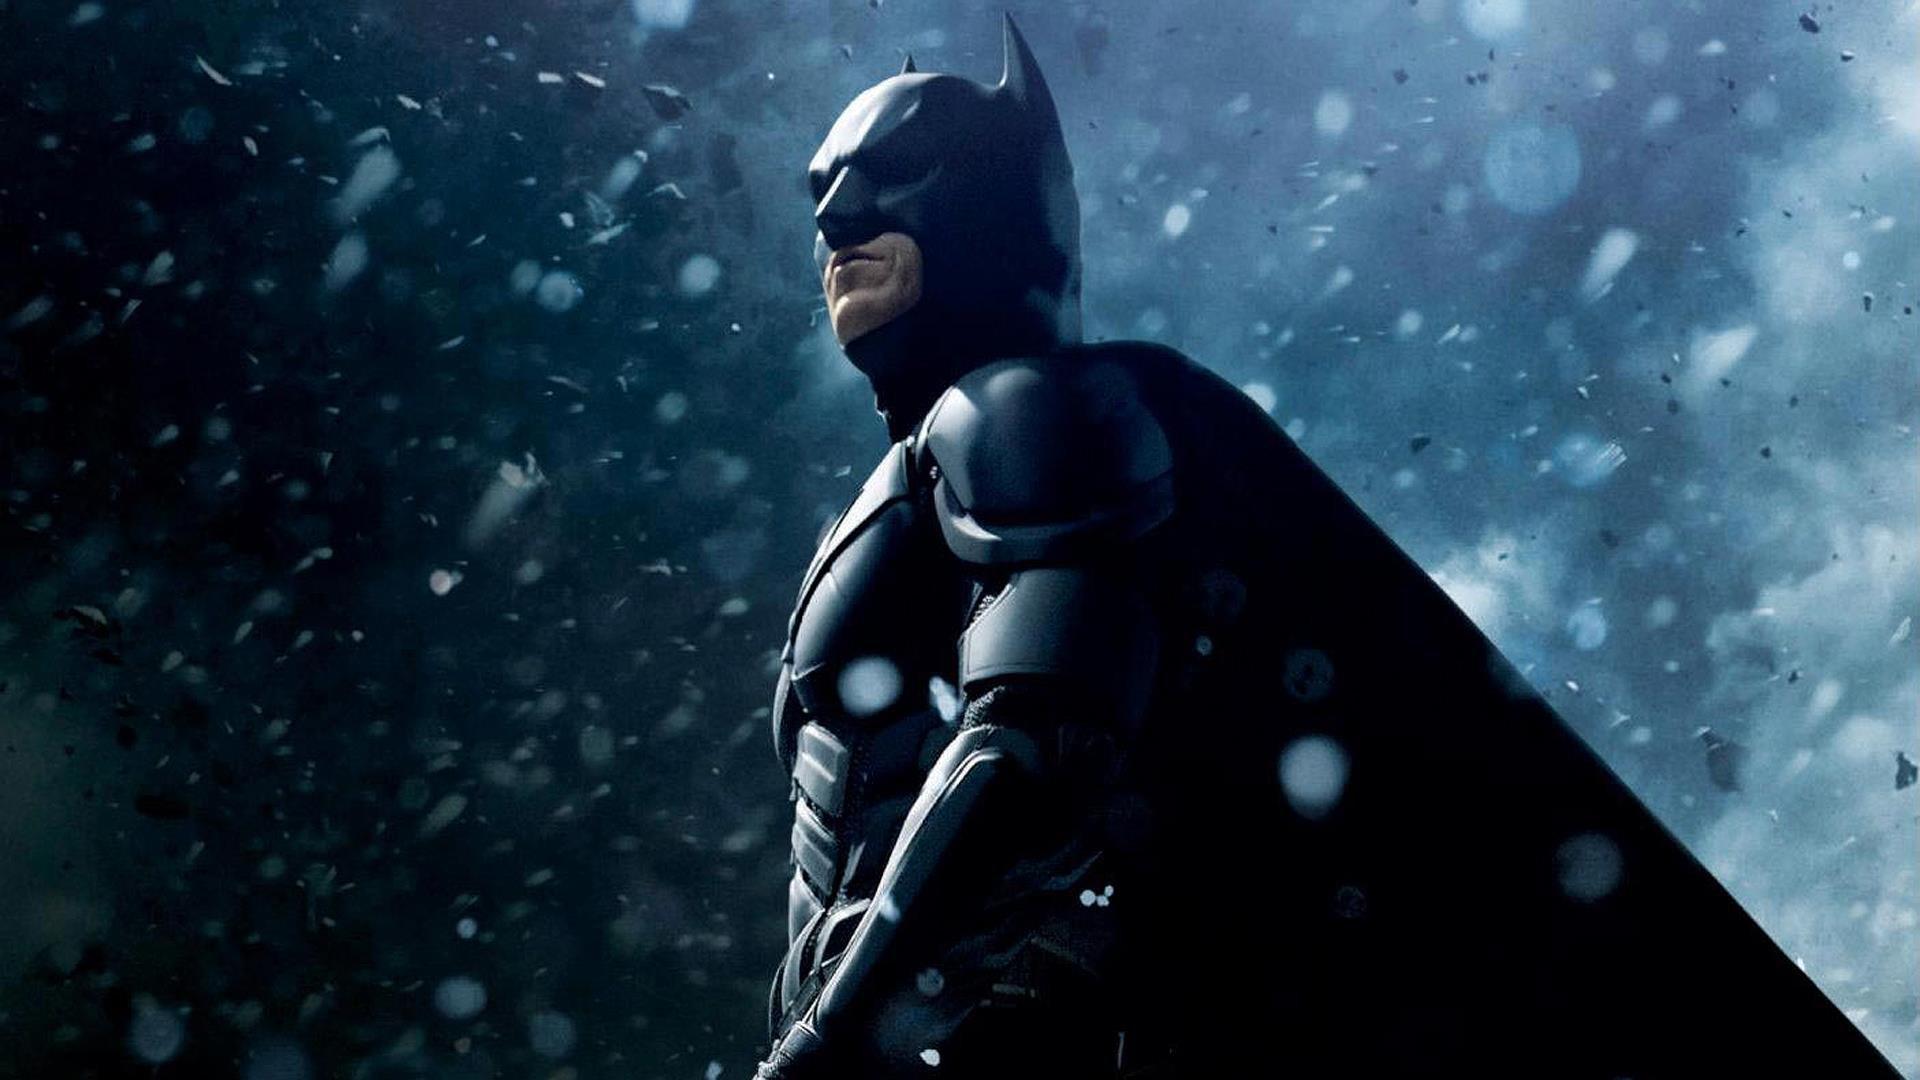 High Resolution The Dark Knight Rises Full Hd Wallpaper Id 161424